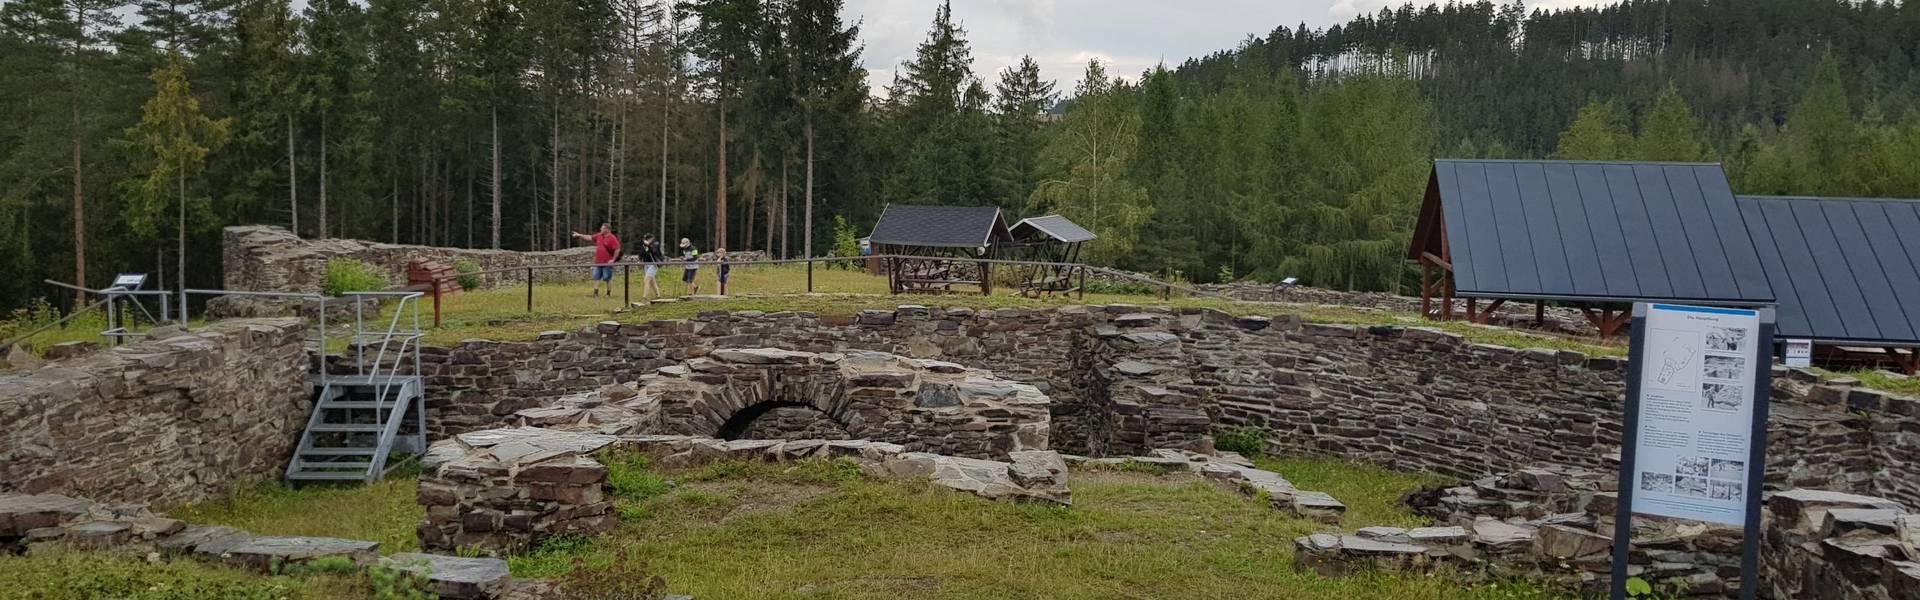 Die Wysburg - ein lohnendes Ausflugsziel für die ganze Familie ©Landratsamt Saale-Orla-Kreis, Pressestelle